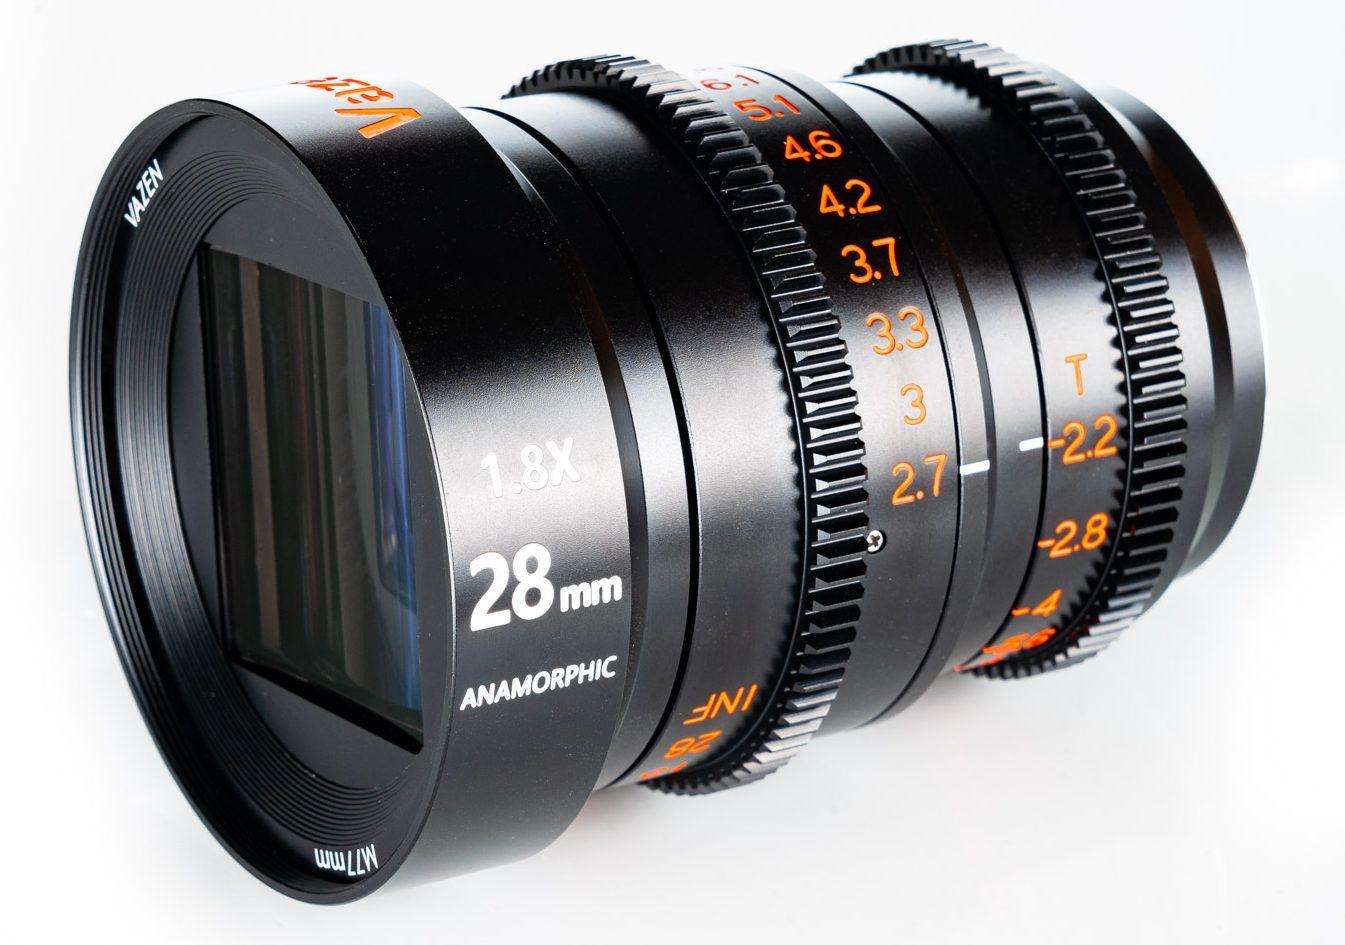 Vazen 28mm Anamorphic Lens